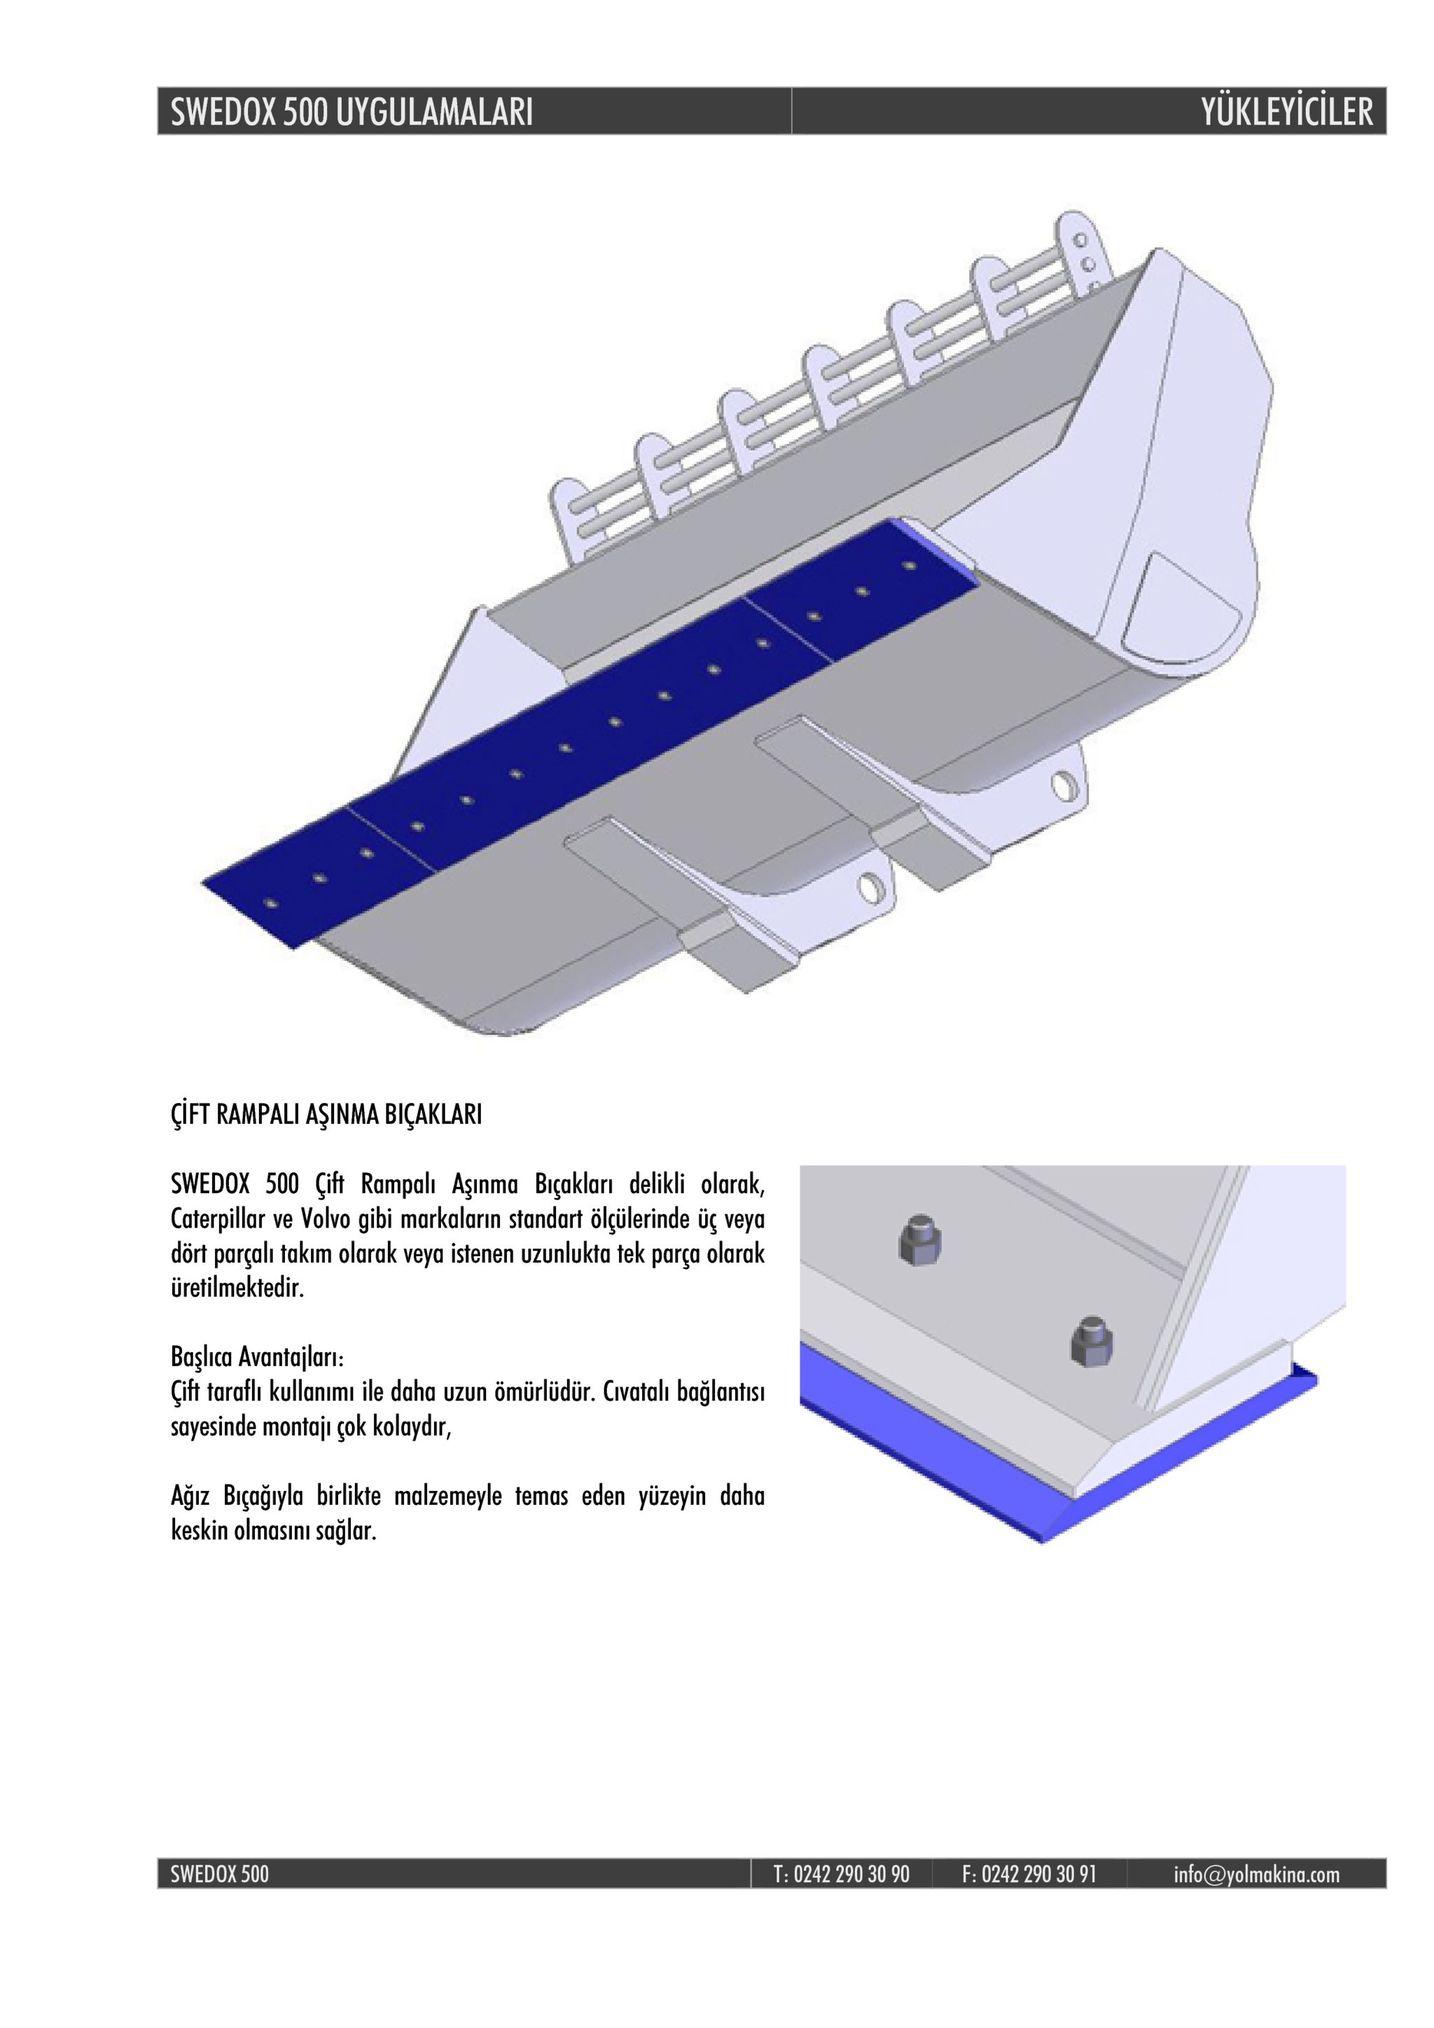 swedox 500 uygulamalar yukleyiciler çift rampali aşinma biçaklari swedox 500 çift rampalı aşınma biçakları delikli olarak caterpillar ve volvo gibi markaların standart ölgülerinde üç veya dört parçali takim olarak veya istenen uzunlukta tek parça olarak üretilmektedir başlca avantajlari: cift taraflı kullanımı ile daha uzun ömürlüdür. civatalı bağlantisı sayesinde montaju çok kolaydır, ağiz bağyla birlikte malzemeyle temas eden yüzeyin daha keskin olmasinı sağlar. swedox 500 t: 0242 290 30 90 f: 0242 290 30 91 info@yolmakina.com